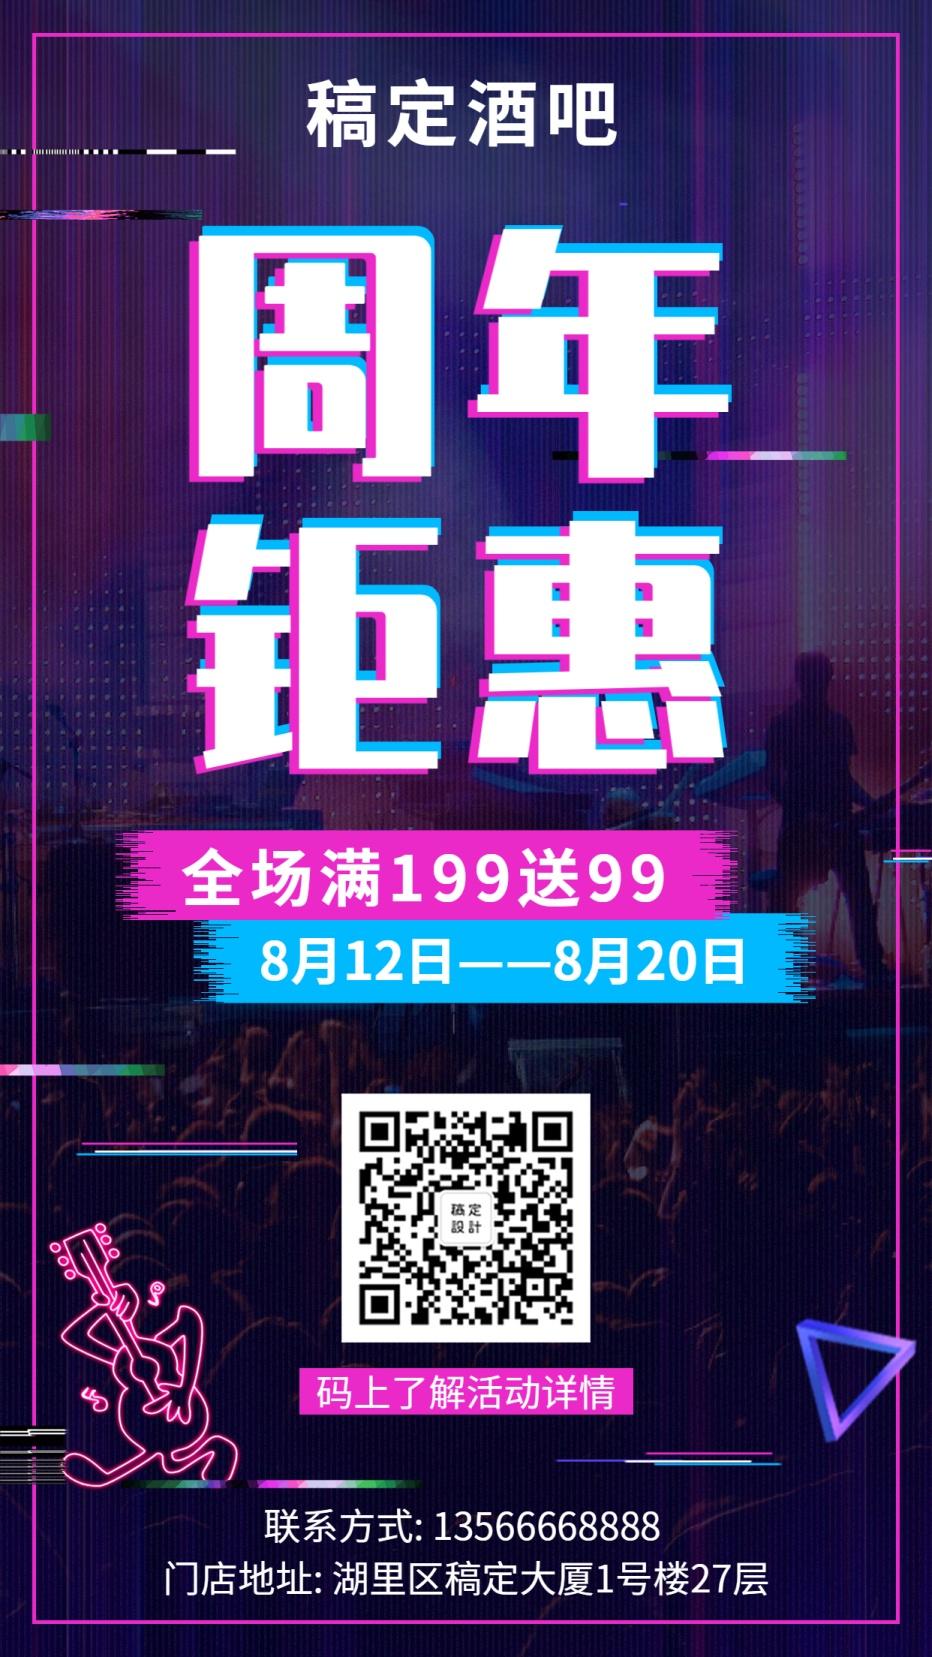 周年庆邀请函/酒吧/抖音酷炫/手机海报